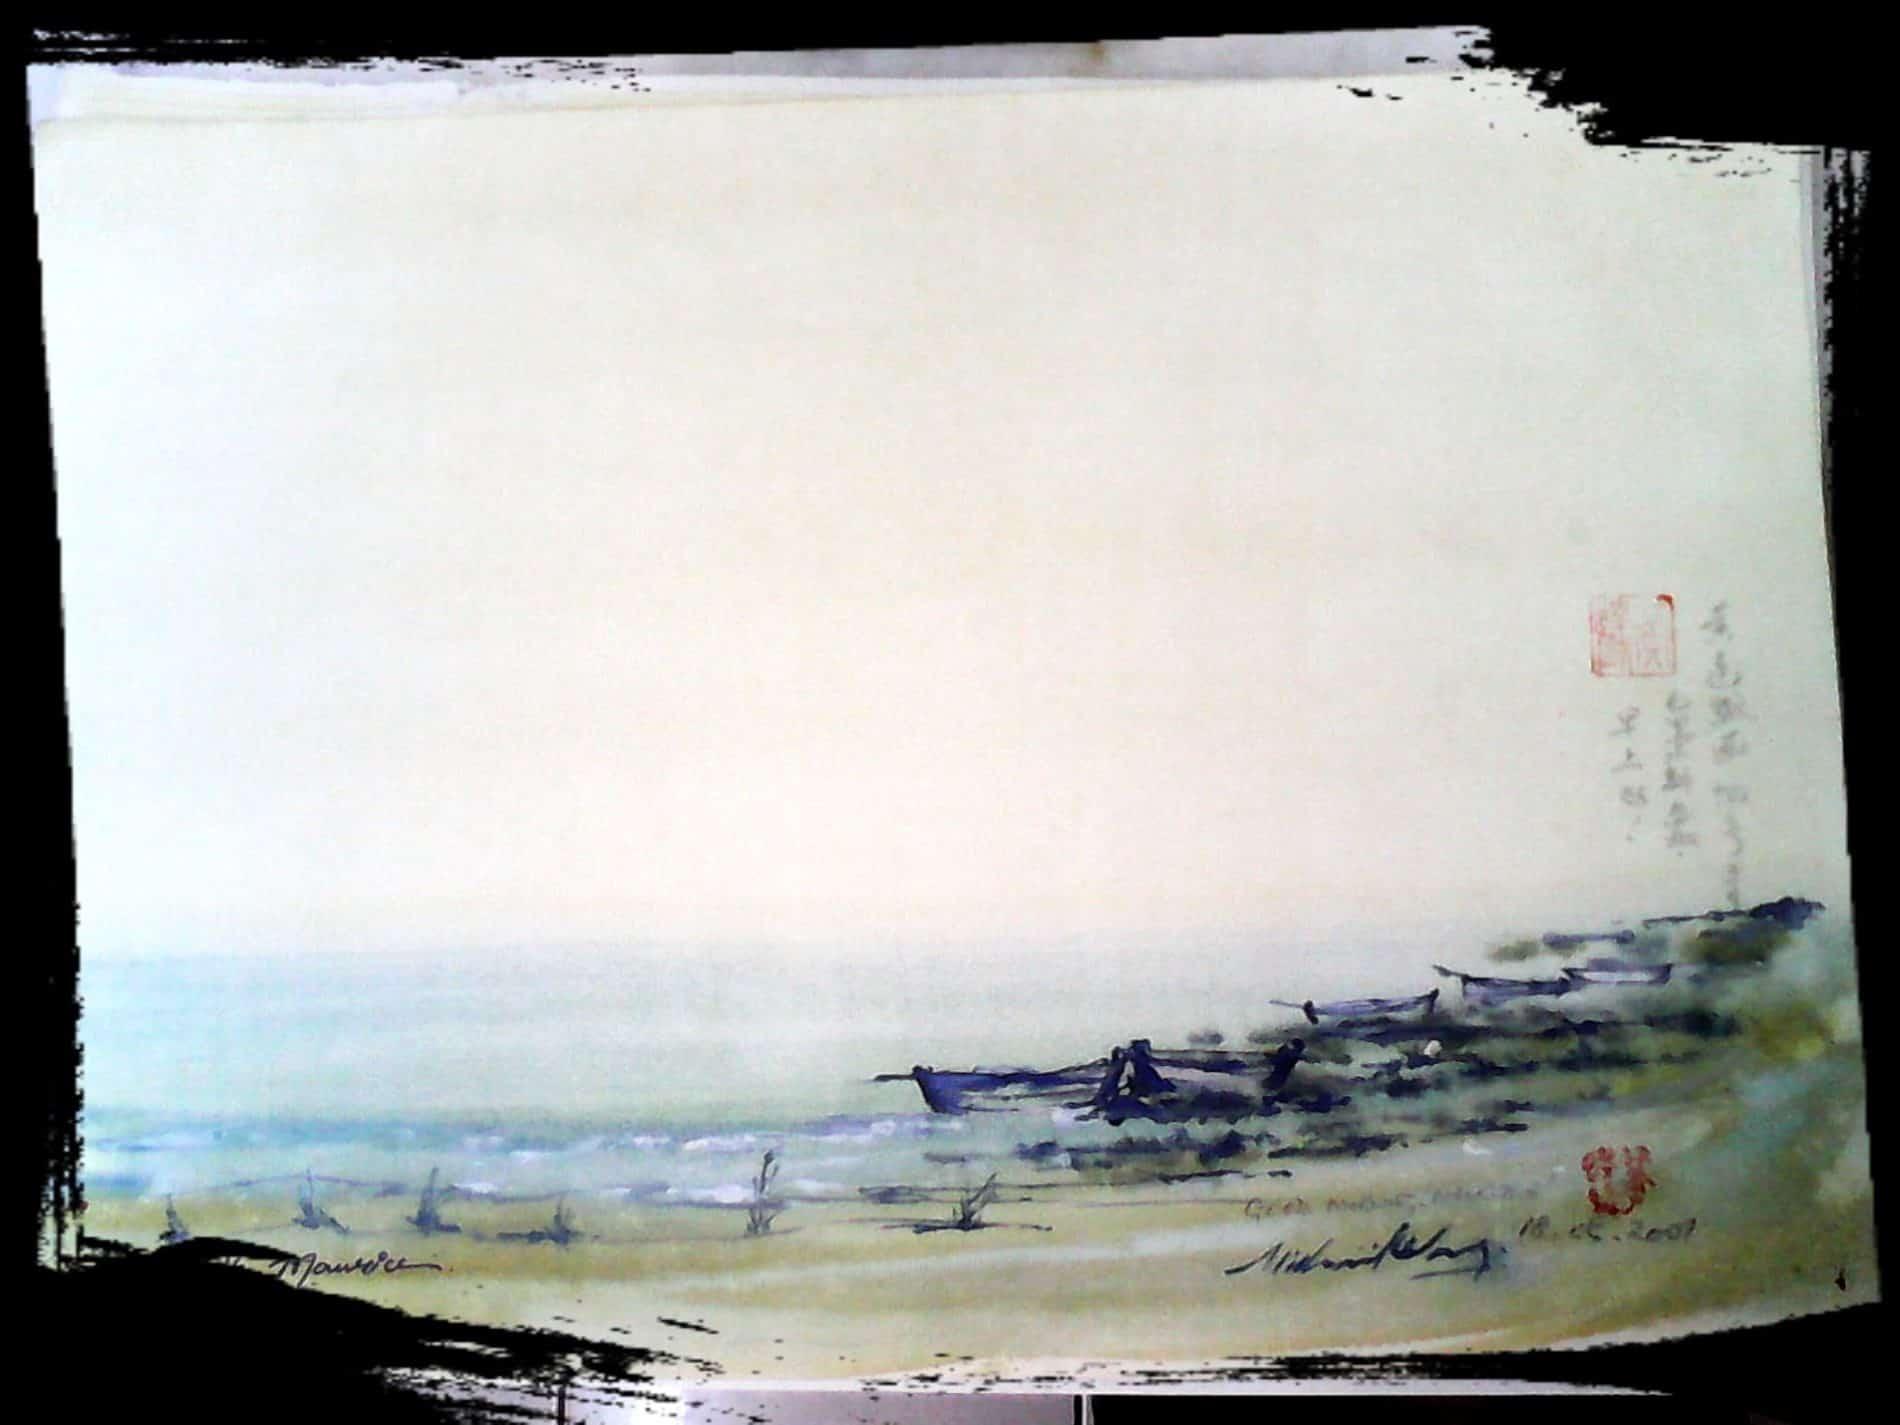 mauritius-arts-mikael-huang-7